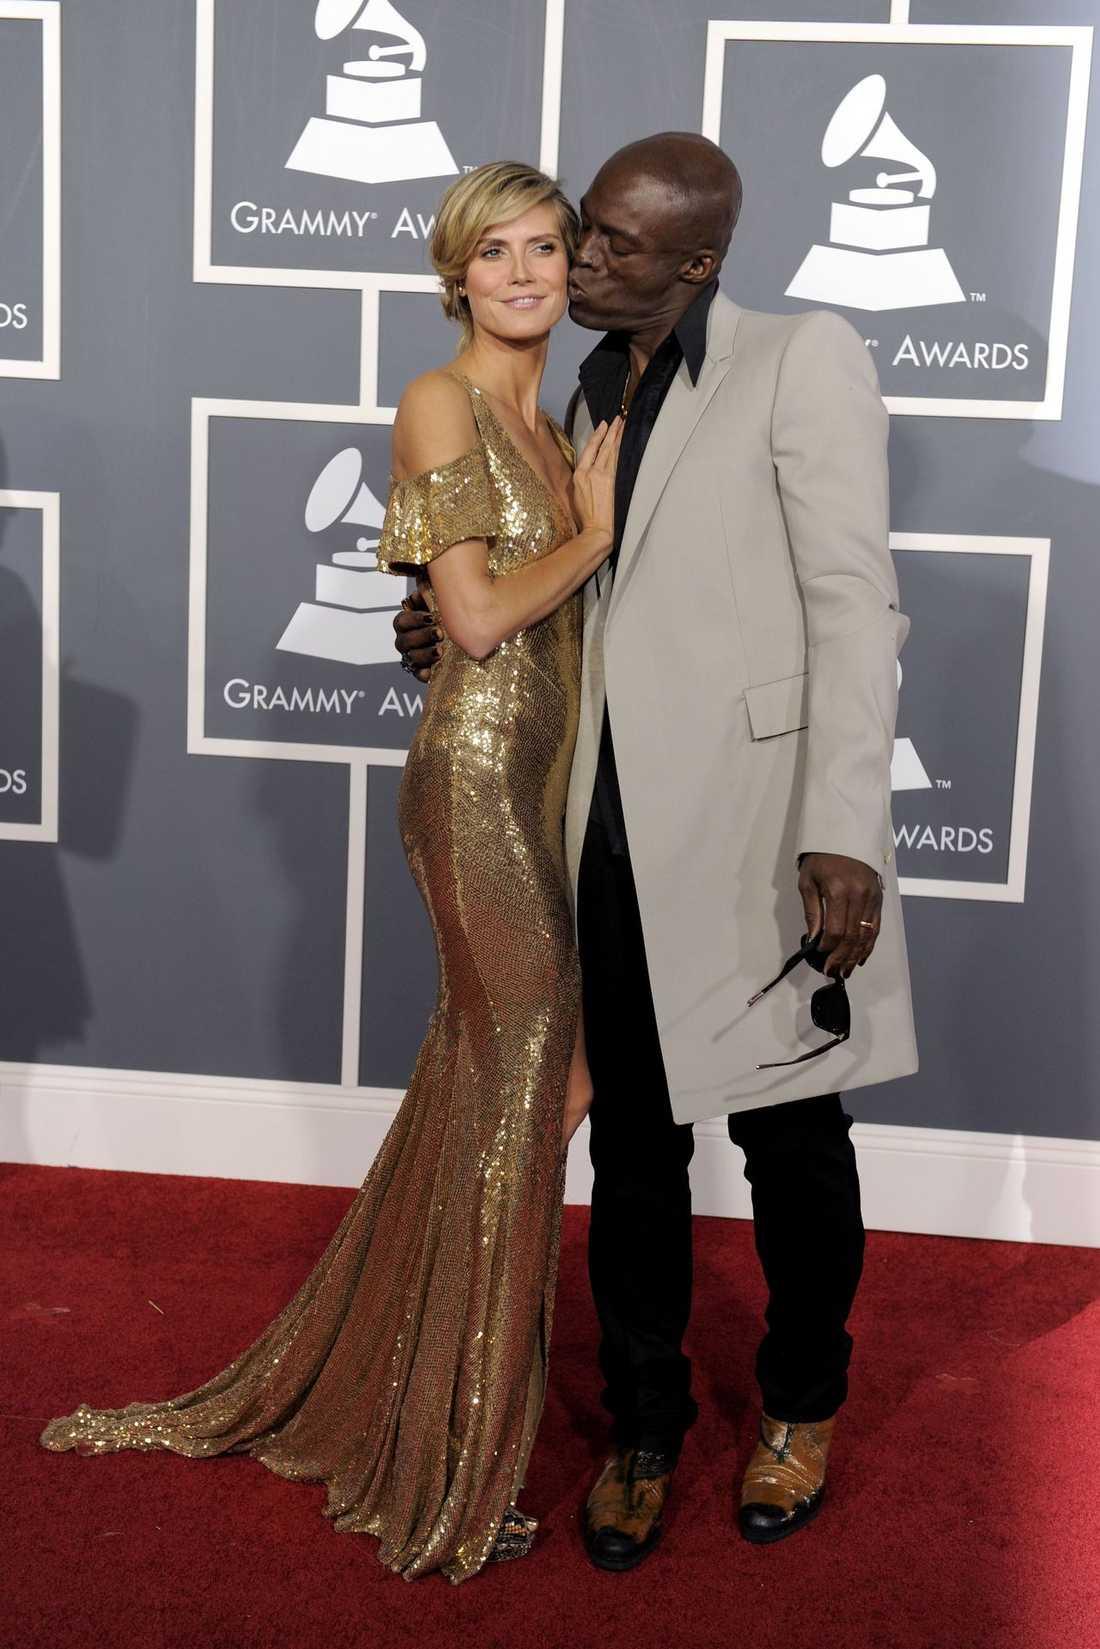 Mycket guld denna kväll, Heidi Klum var magisk i klänning från Julien Macdonald. Seal var elegant i rock.